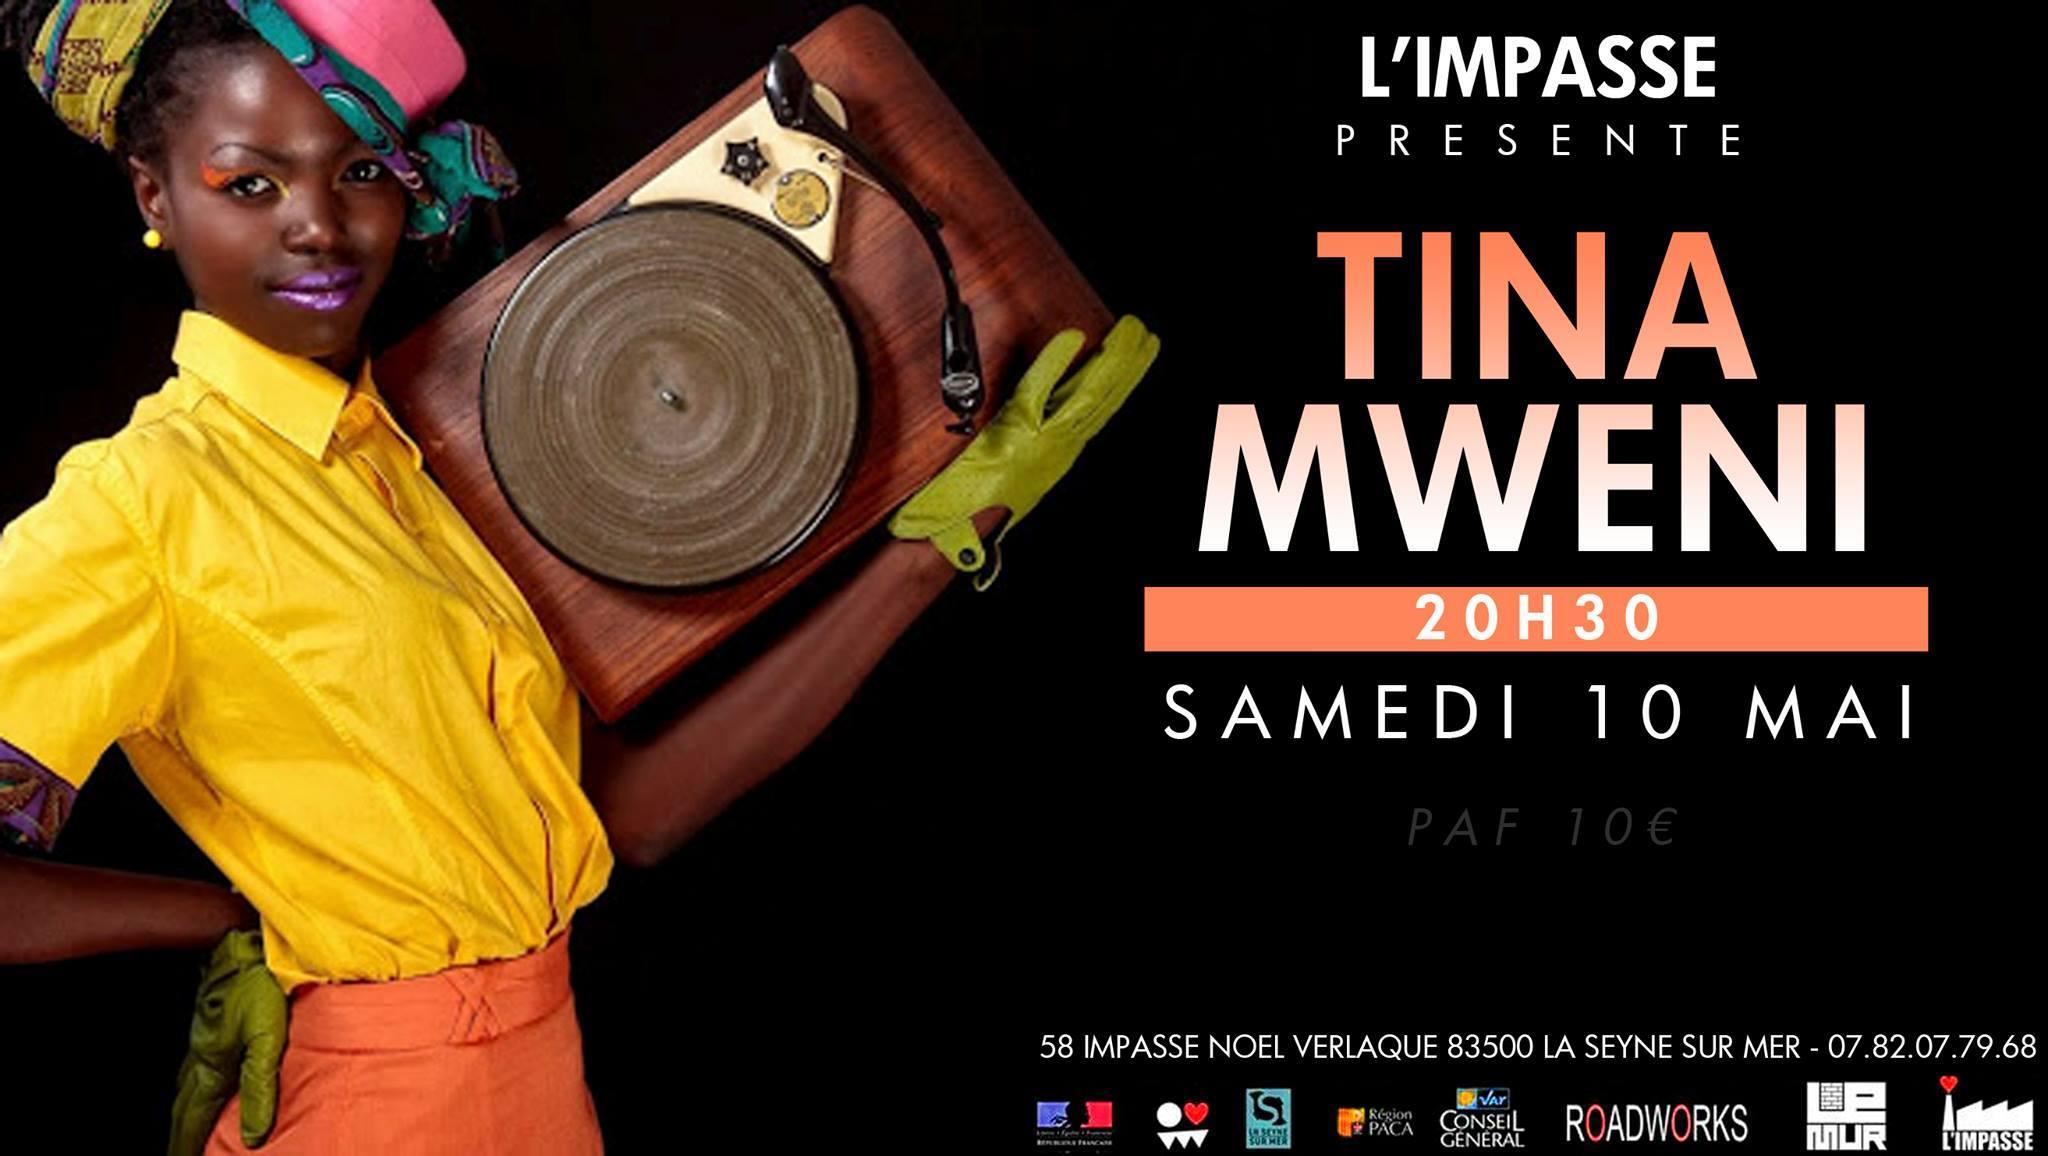 Tina Mweni - L'impasse